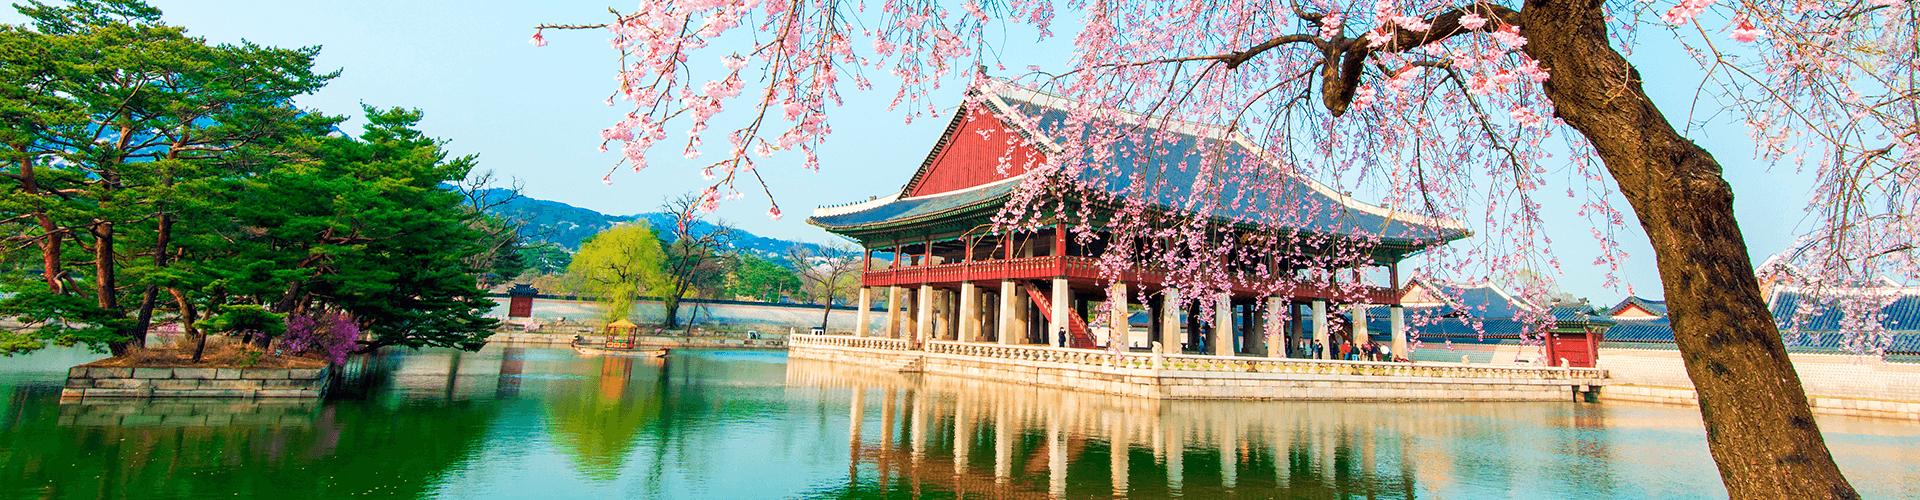 Viaje ou faça um intercâmbio para a Coreia do Sul